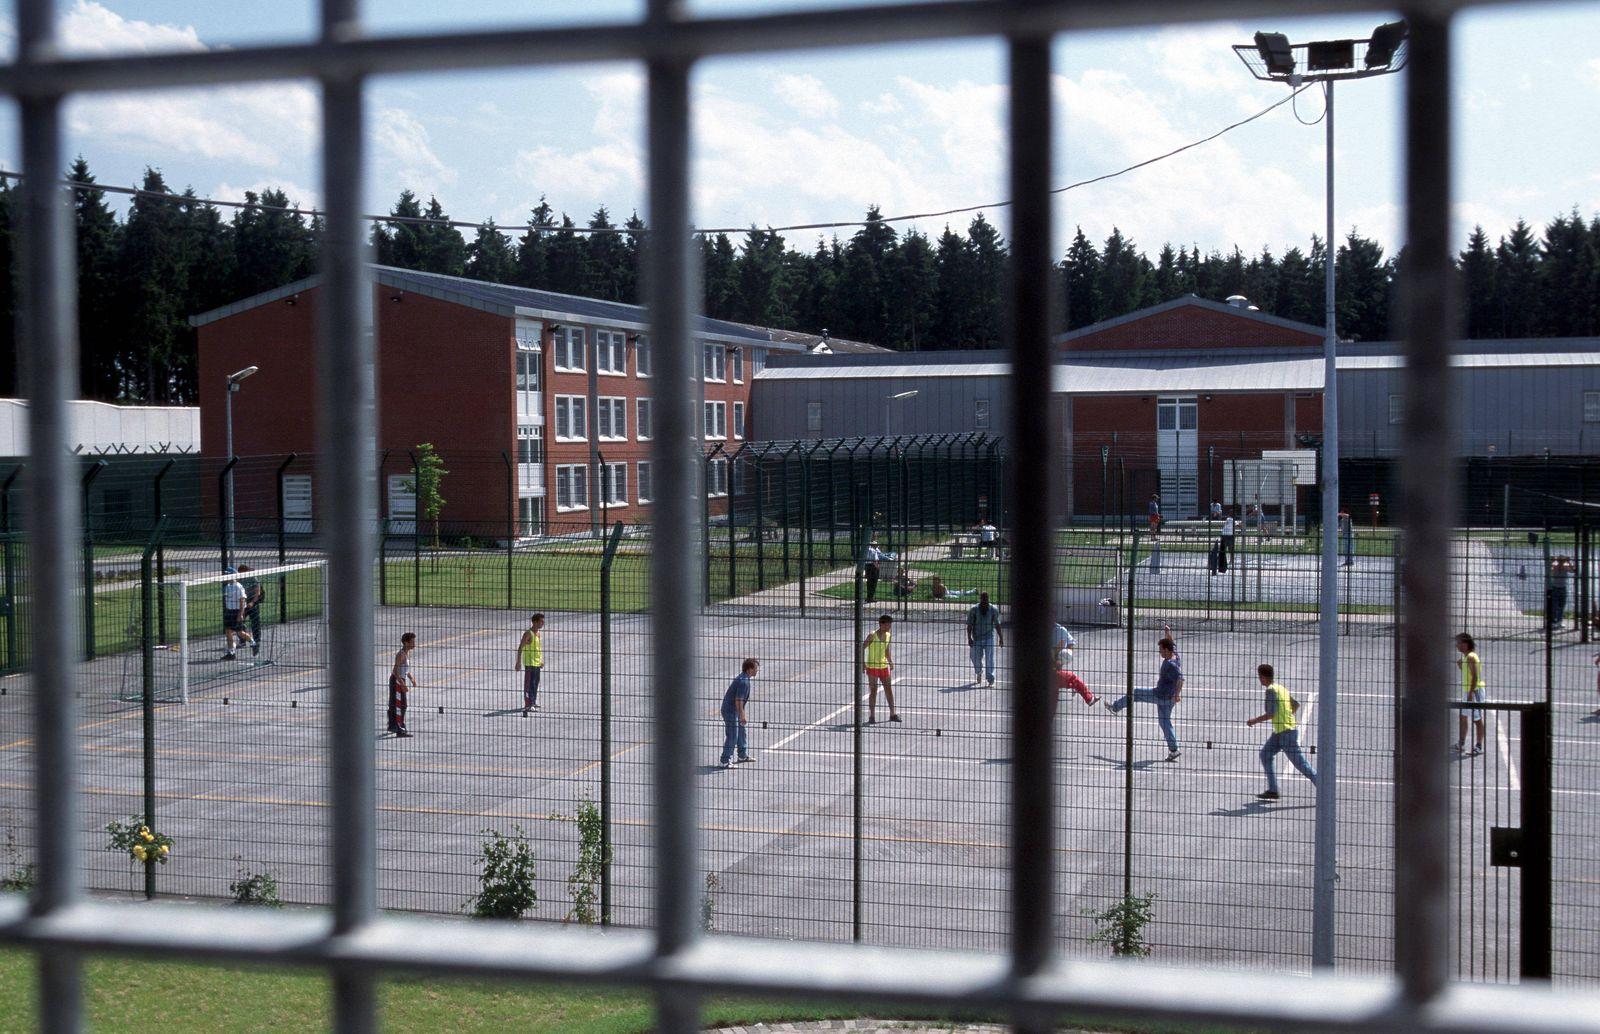 25 09 2002 Bueren Nordrhein Westfalen DEU Justizvollzugsanstalt In der JVA Bueren einem Absc